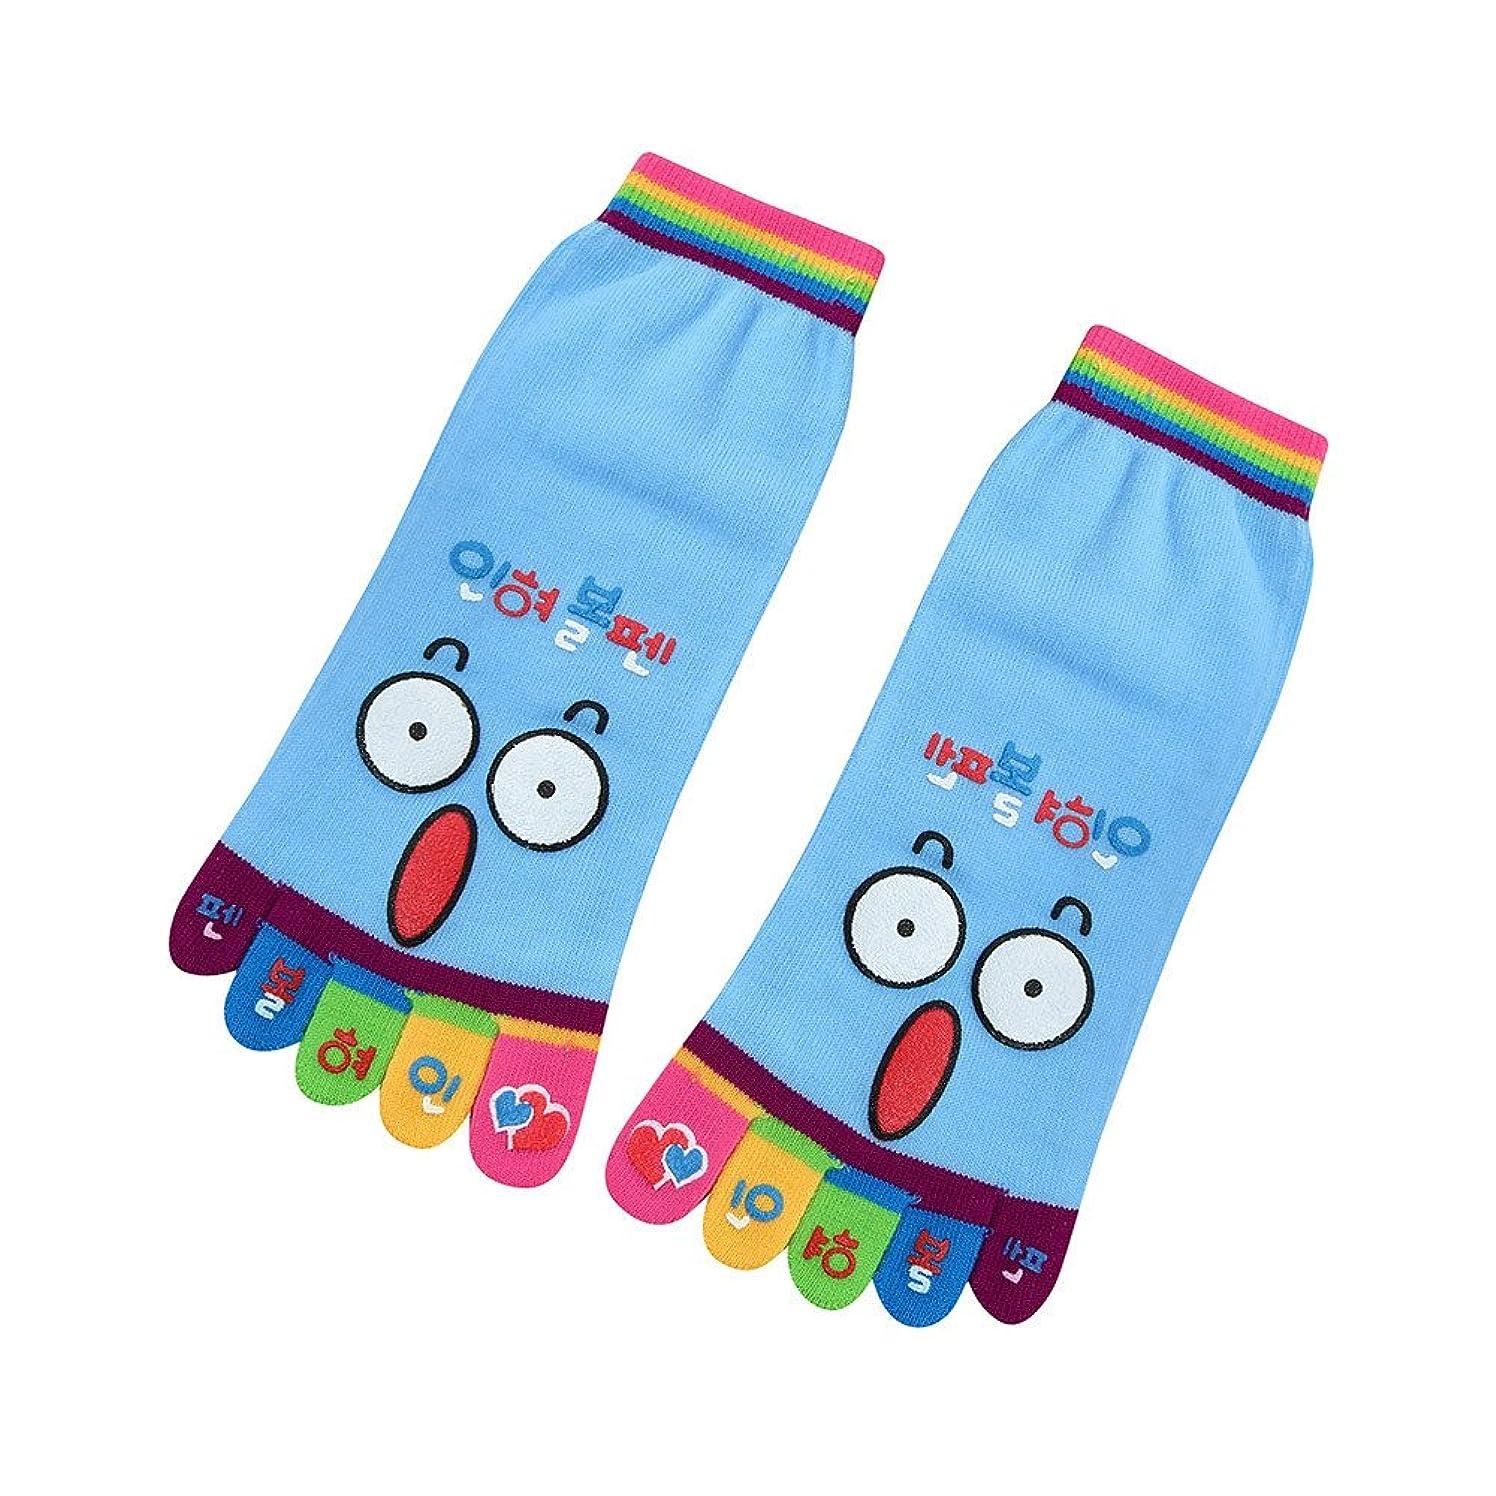 Clearance Sale! Women Cartoon Toe Socks Five Finger Cotton Socks JMETRIE Funny Socks